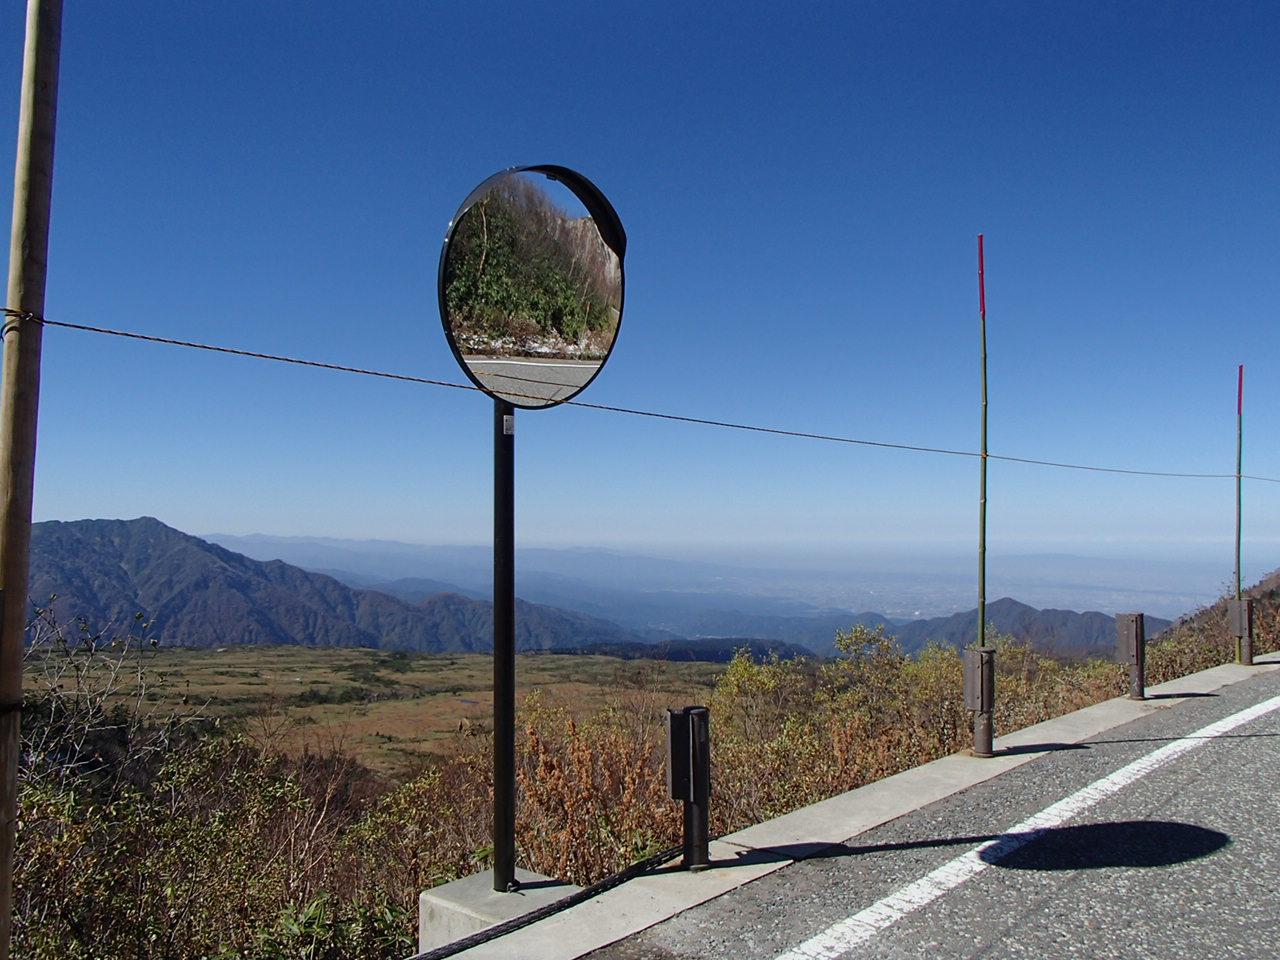 カーブミラー・道路反射鏡 施工事例04